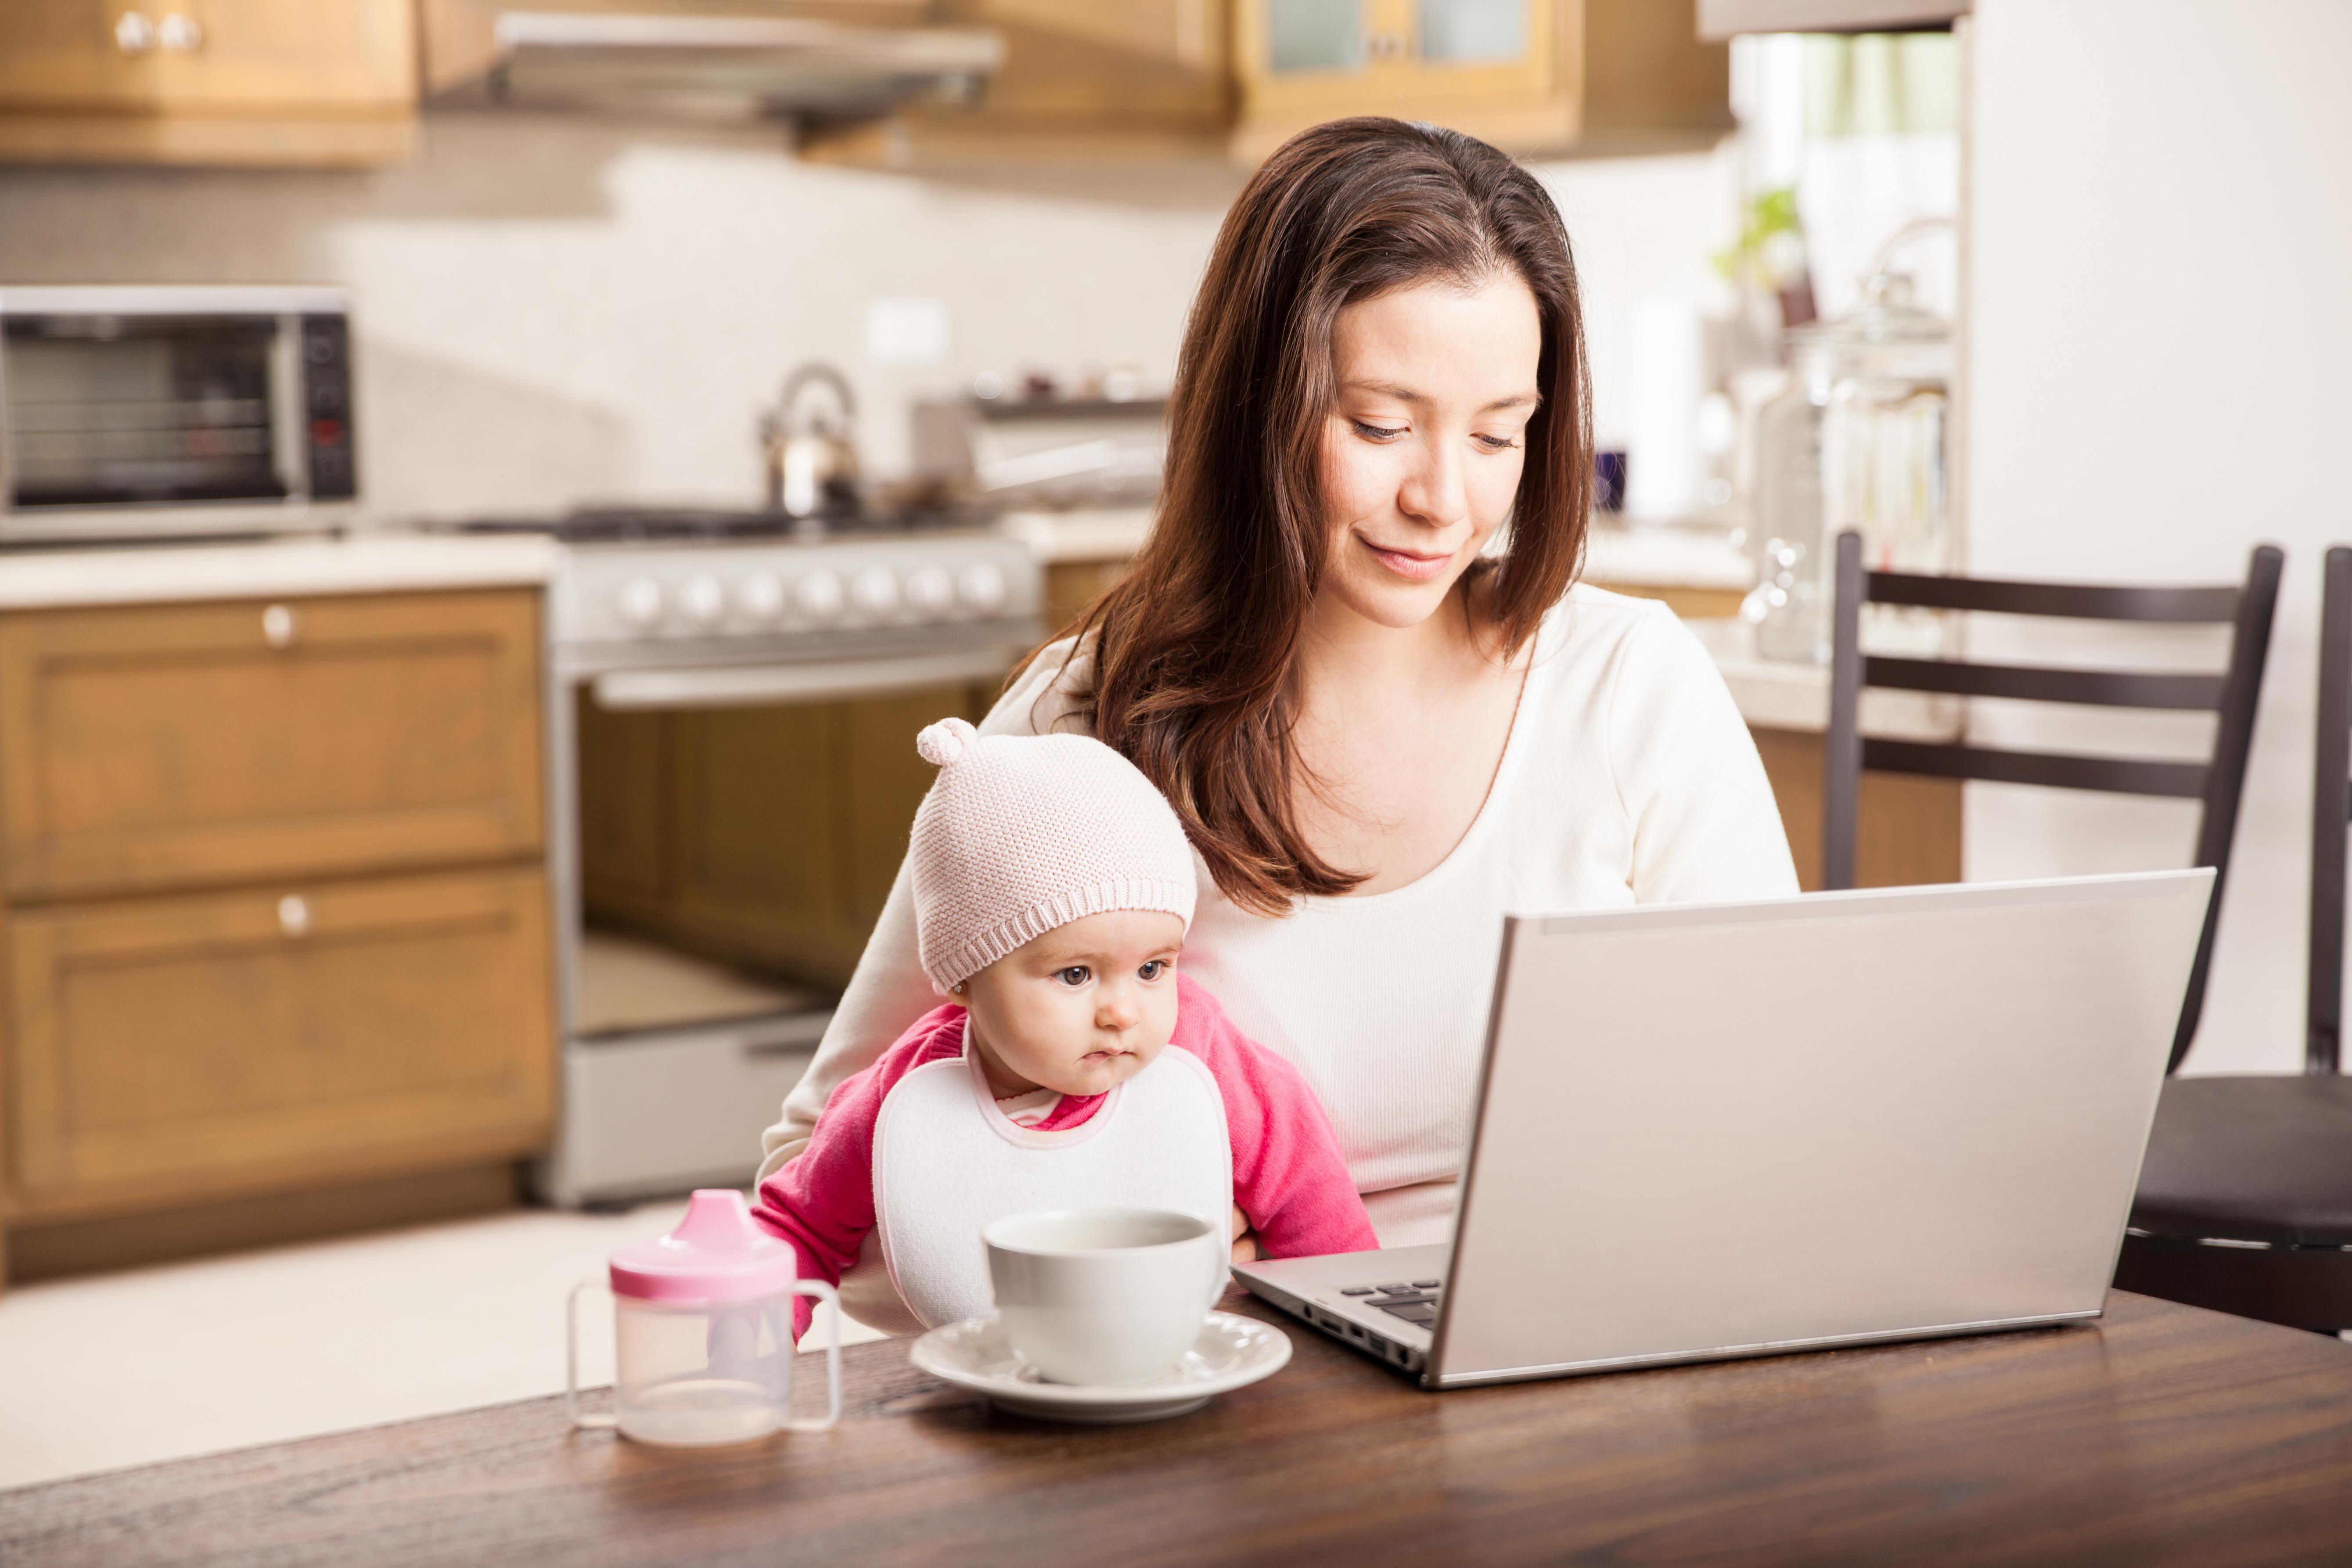 O treime din mamele care lucrează spun că au găsit echilibrul între job și familie